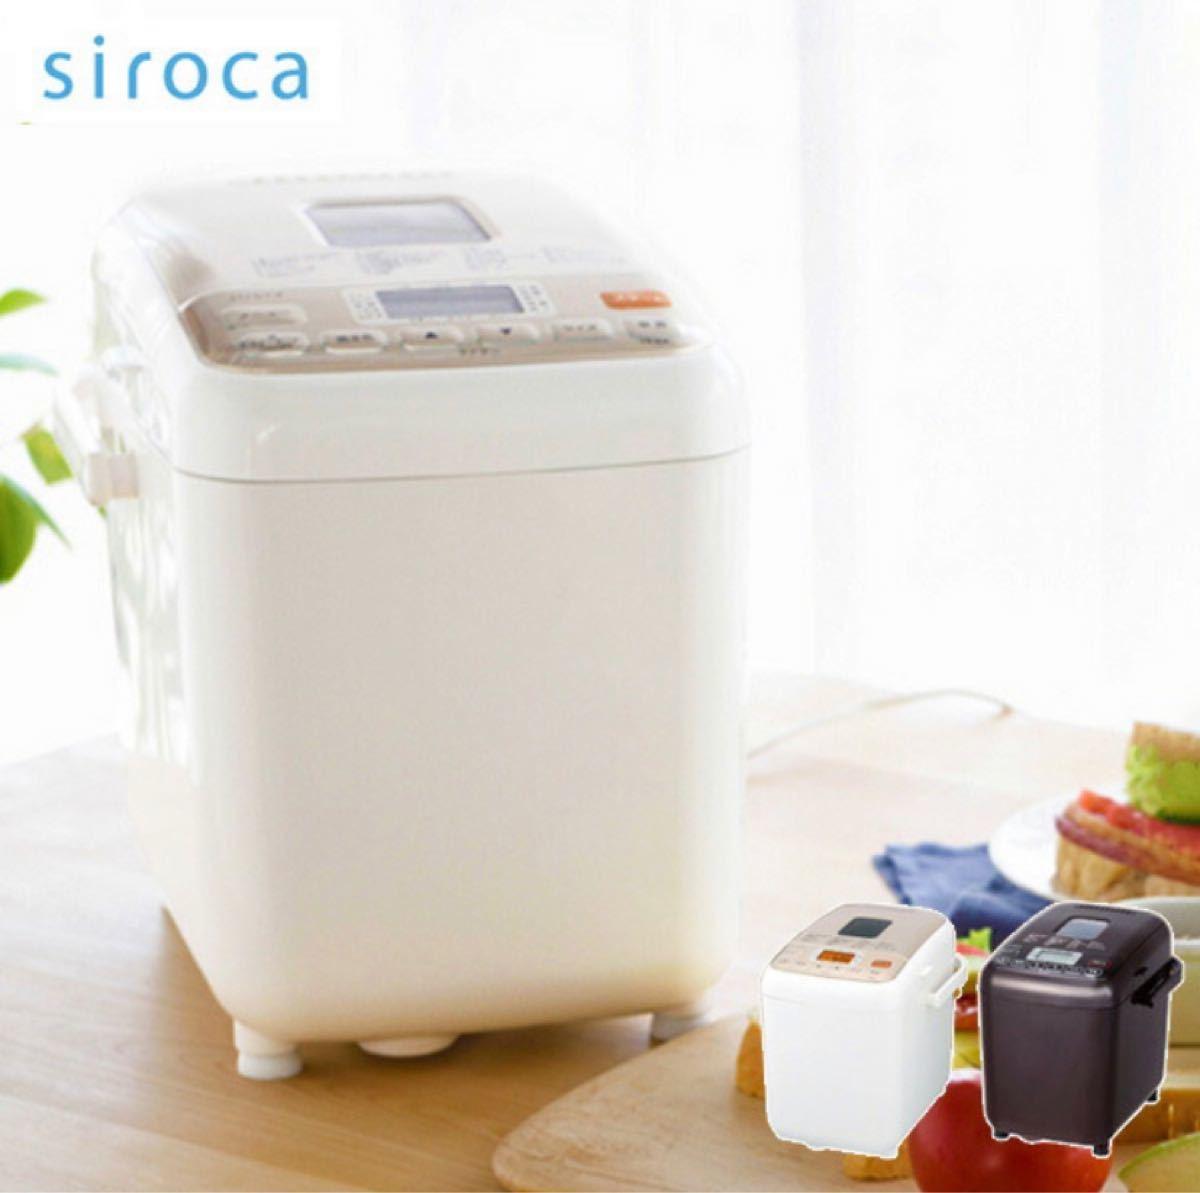 【最終値下げ】siroca(シロカ) SHB-712 全自動ホームベーカリー